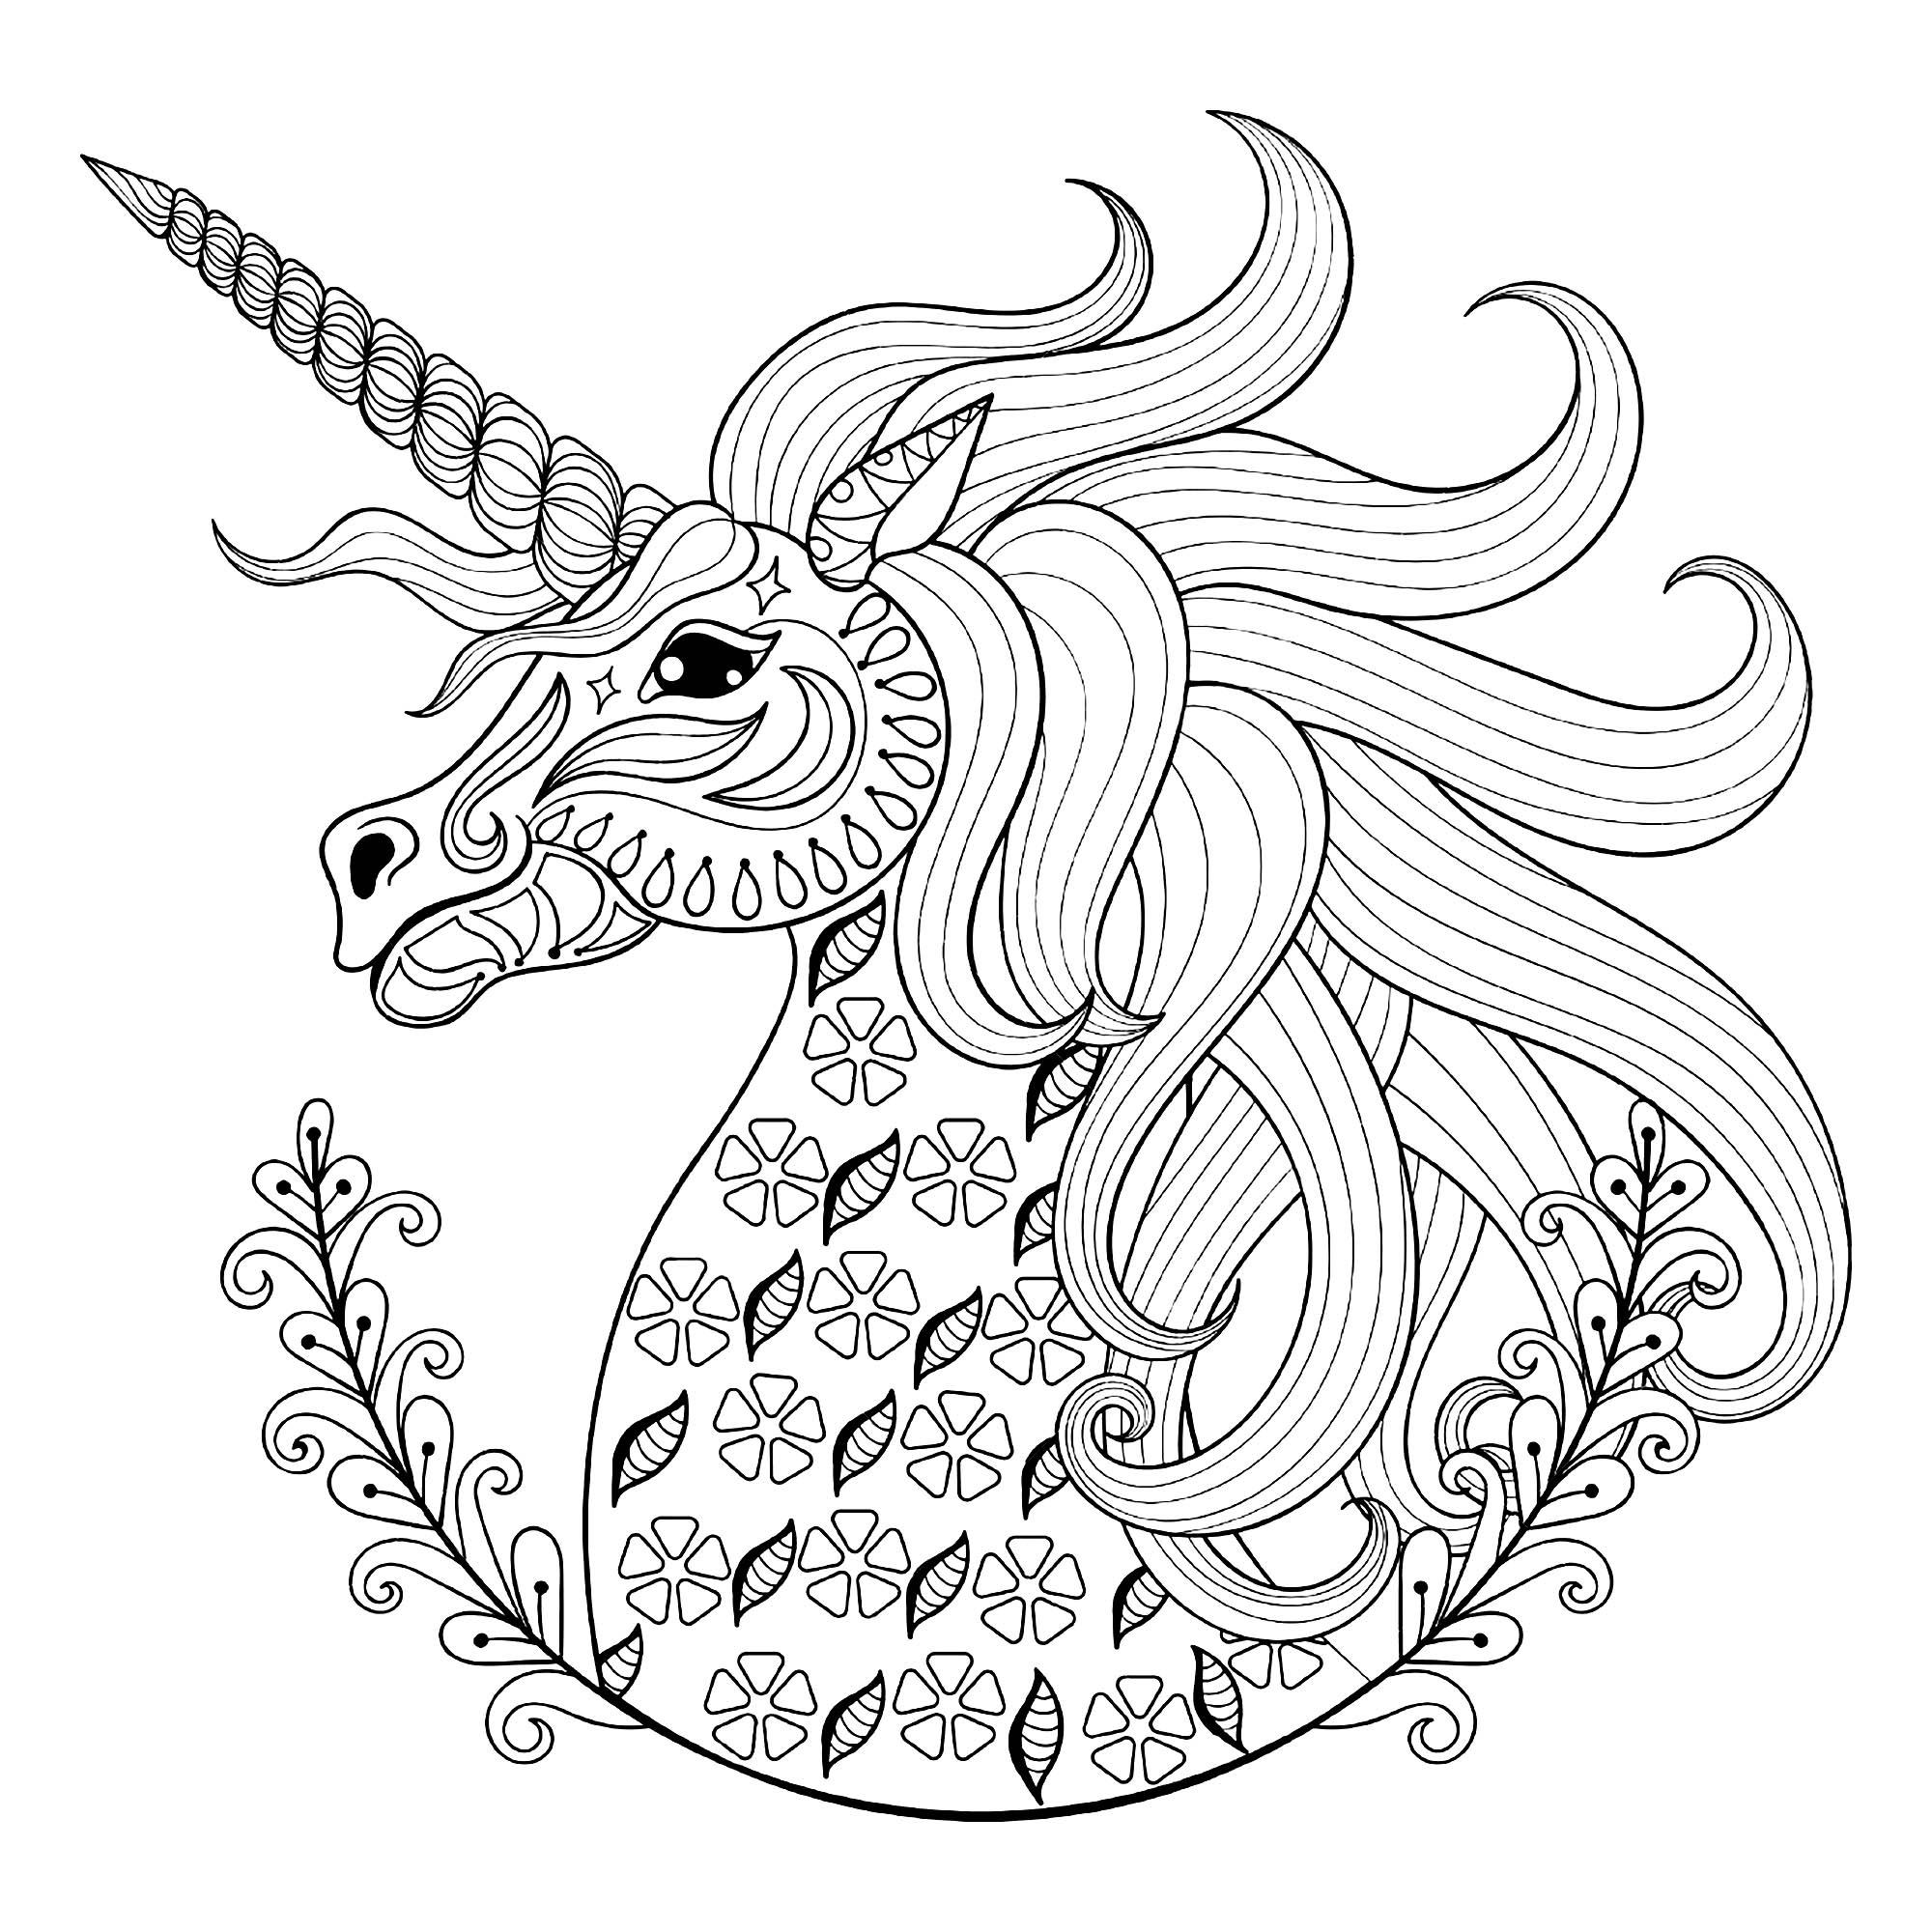 Tete De Licorne Avec Motifs - Licornes - Coloriages concernant Coloriage Licorne